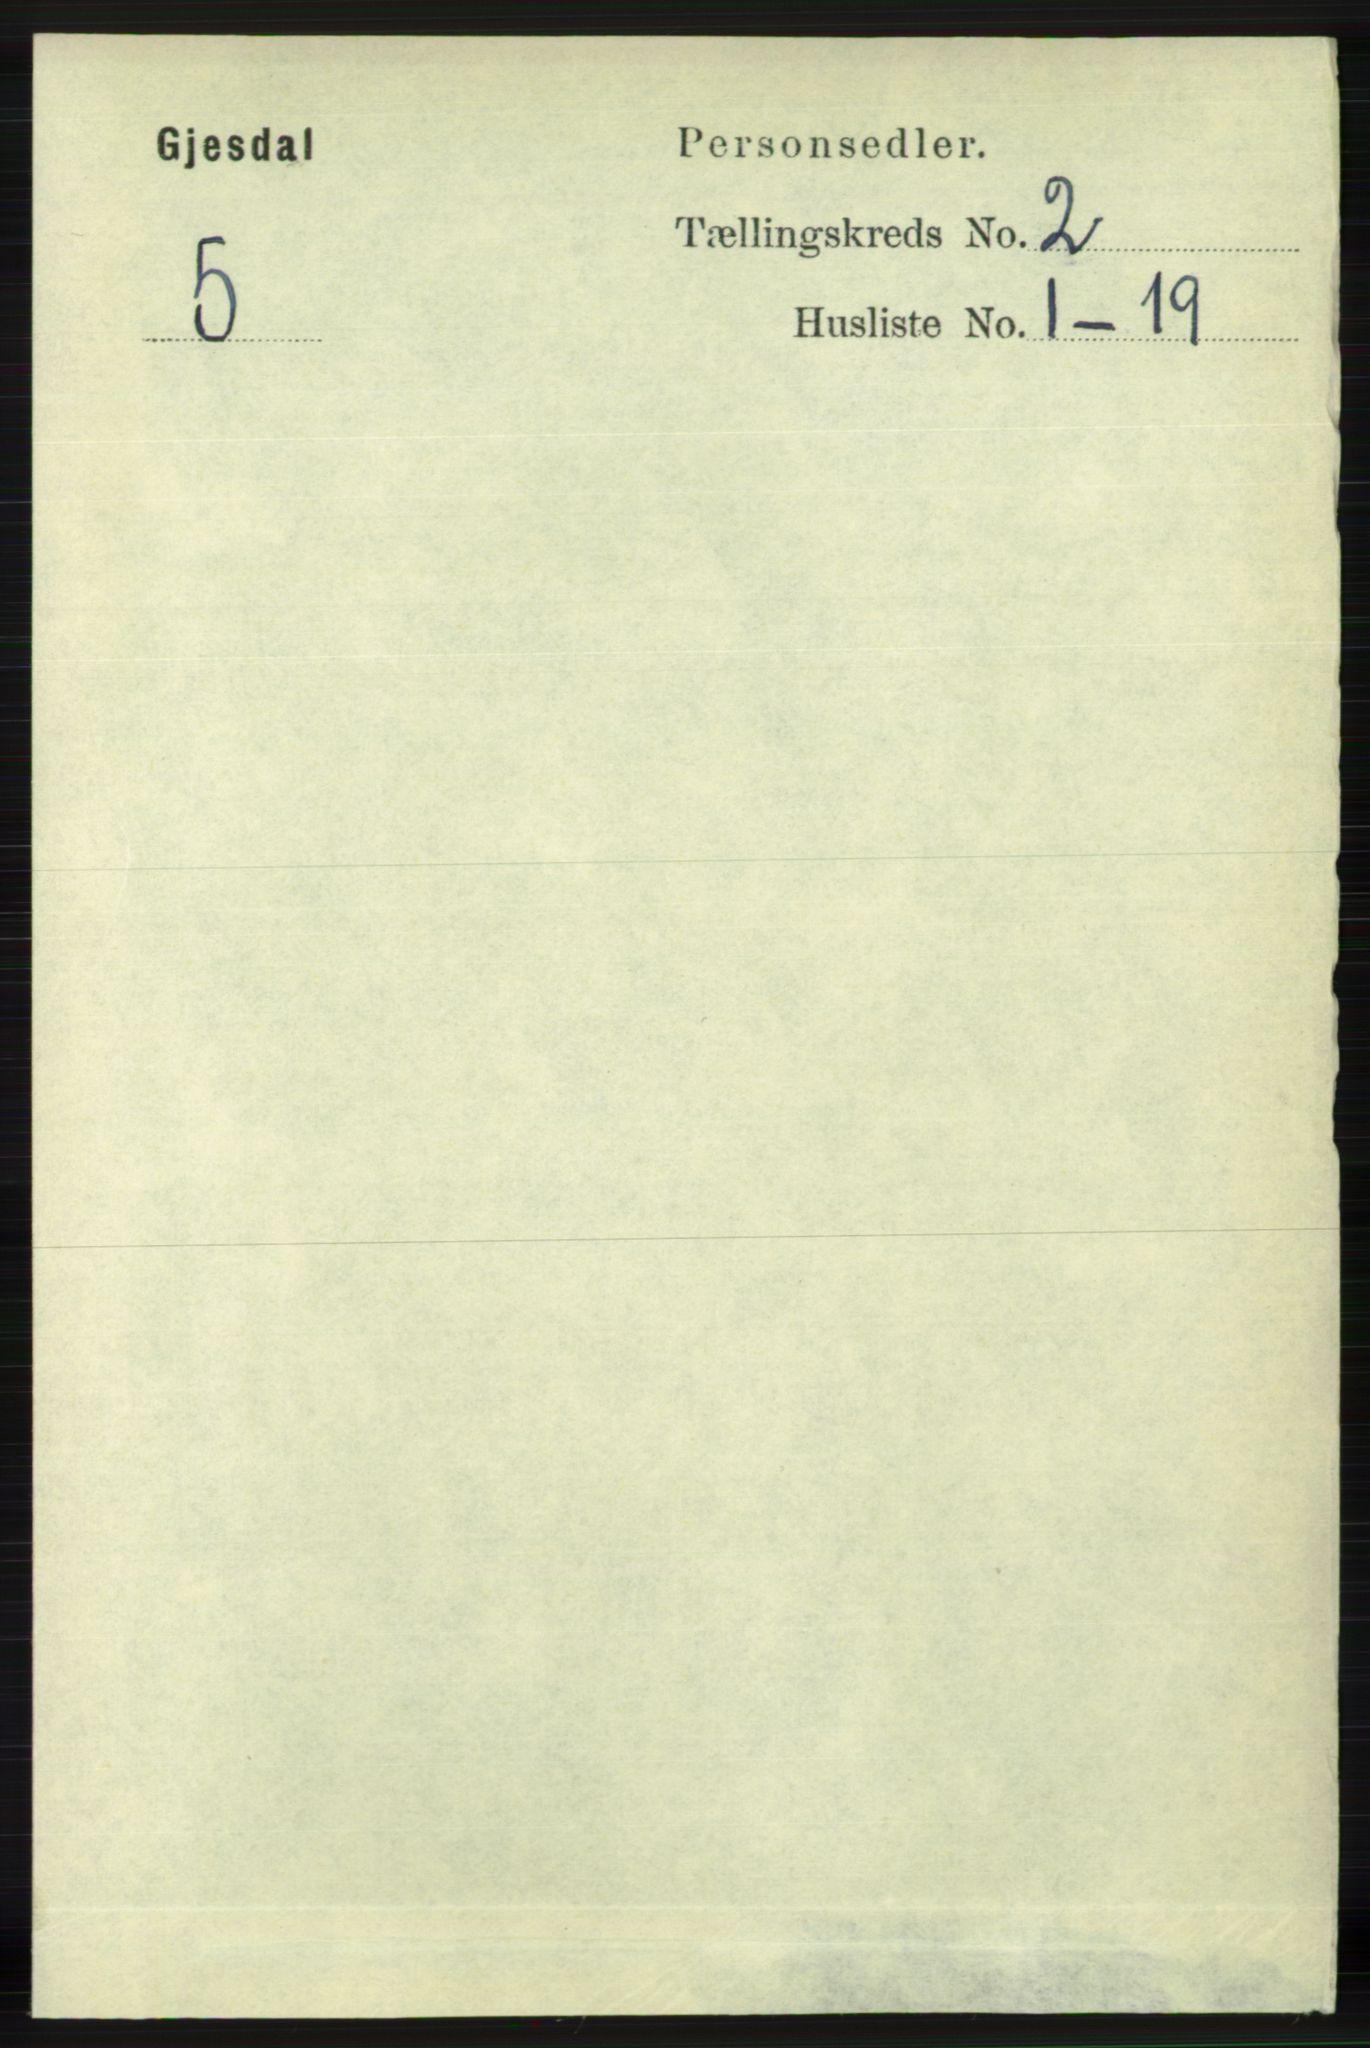 RA, Folketelling 1891 for 1122 Gjesdal herred, 1891, s. 382